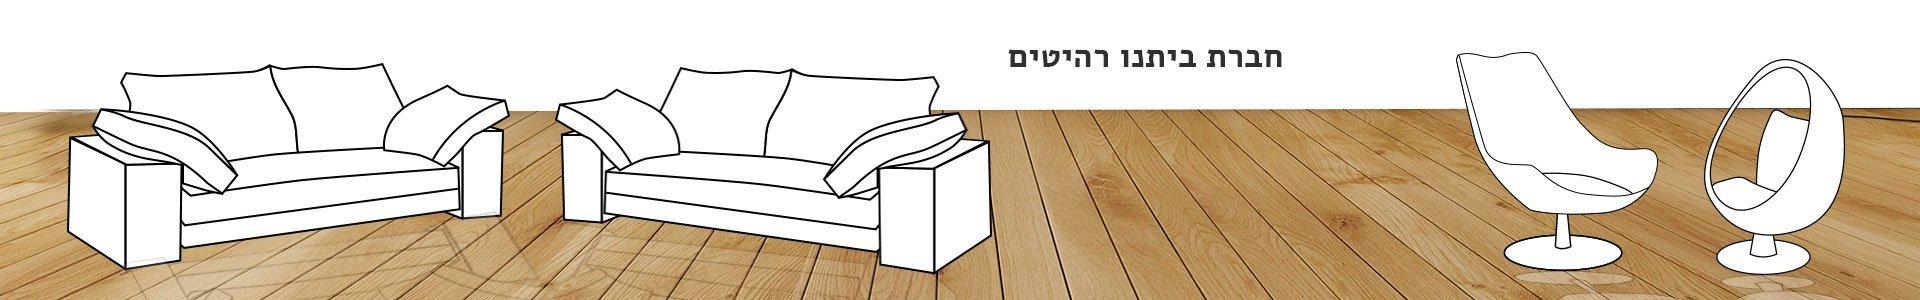 ביתינו רהיטים